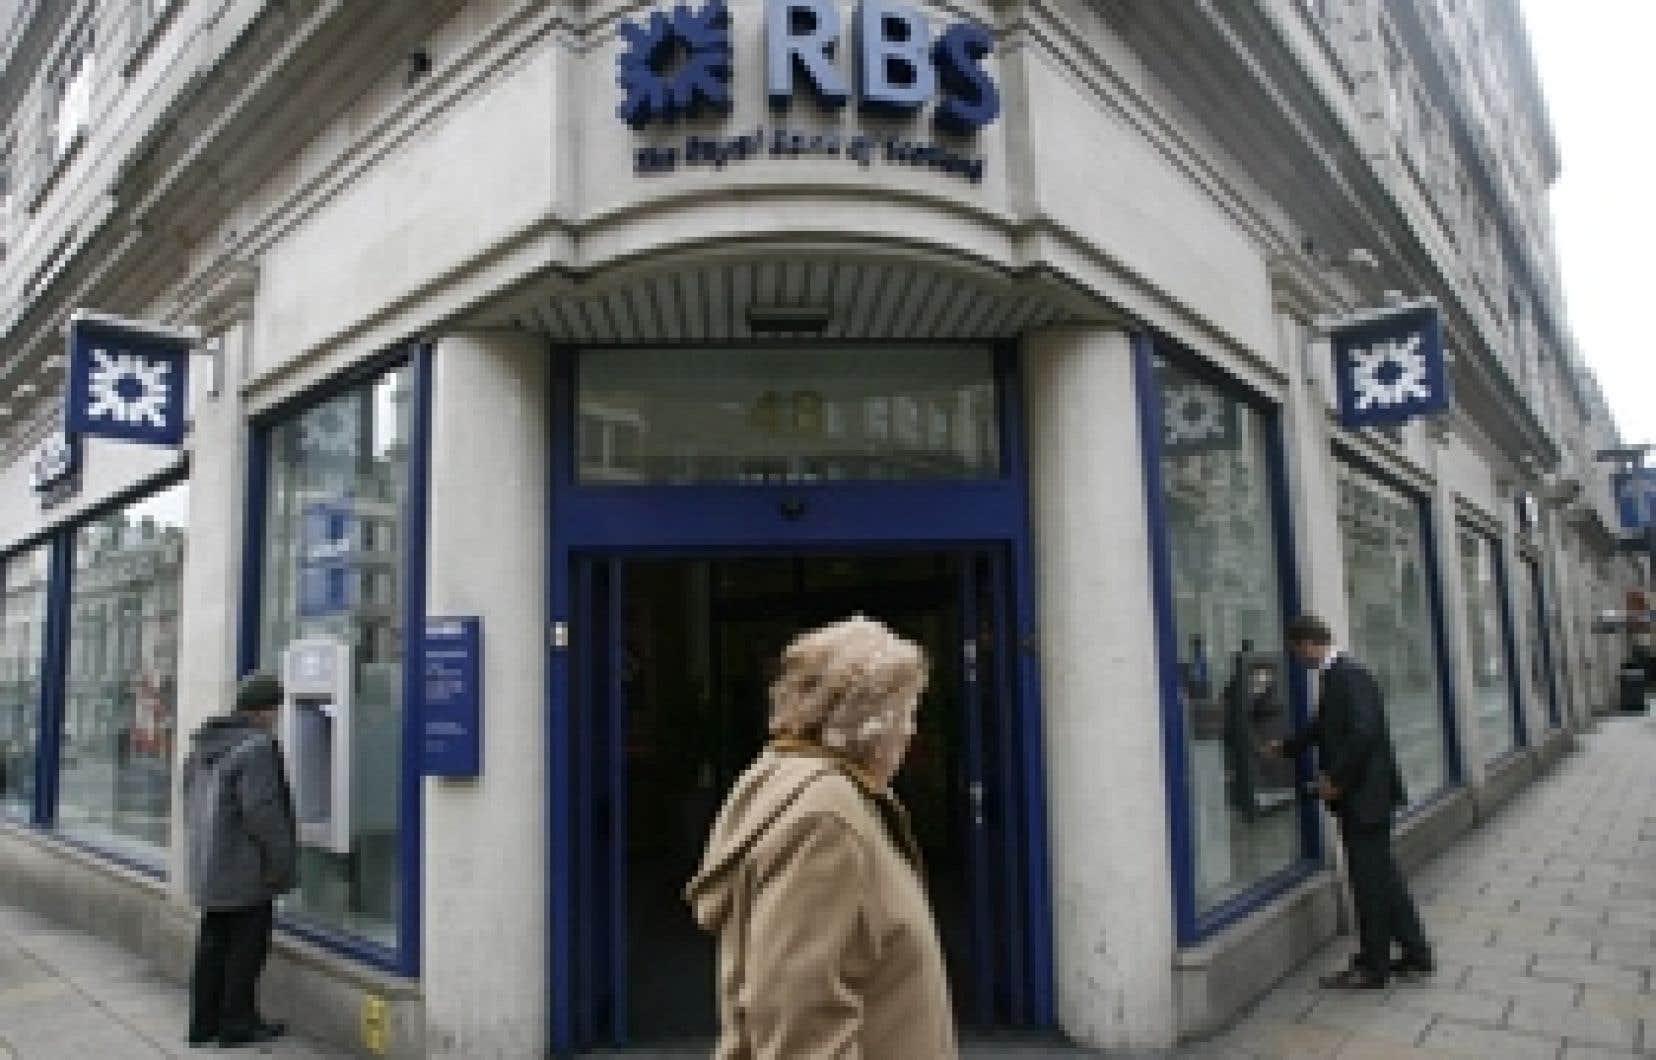 La Royal Bank of Scotland (RBS) a annoncé lundi qu'elle s'attendait à une perte annuelle monumentale en raison surtout de dépréciations liées à l'acquisition ruineuse d'ABN Amro.